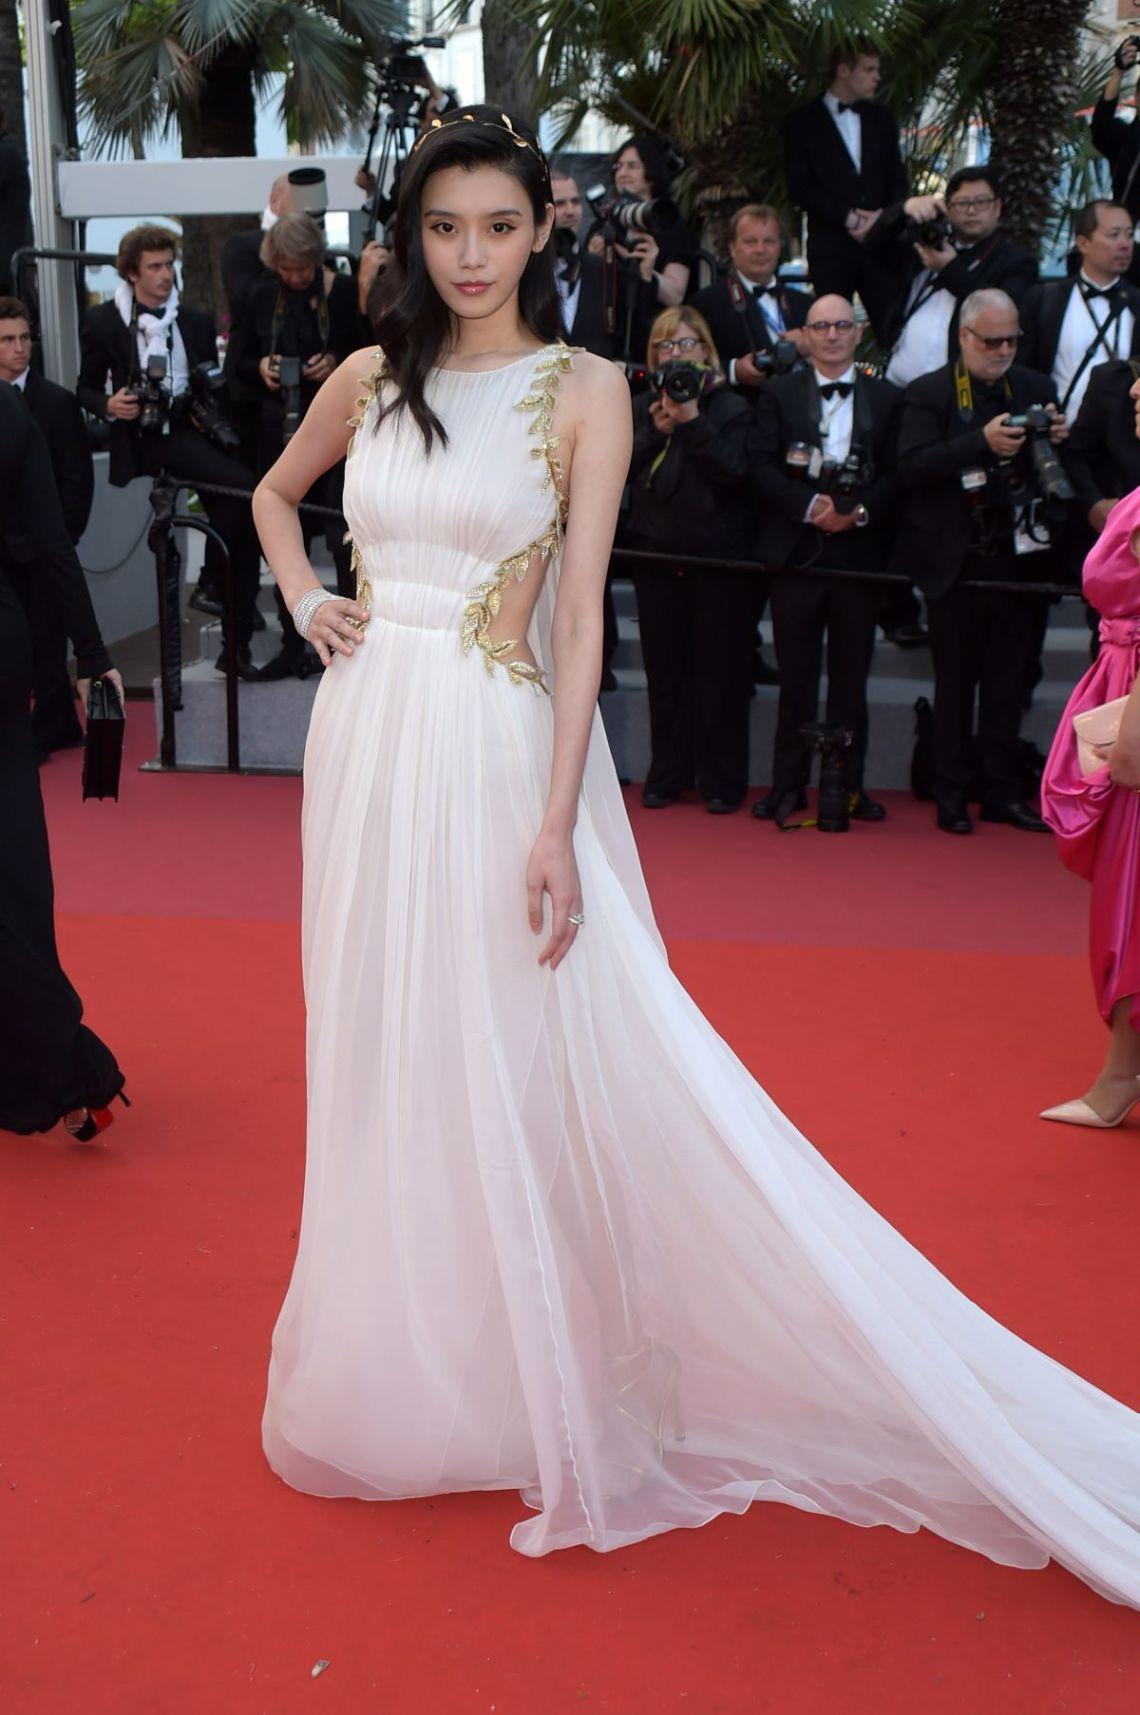 Gwiazdy Na Czerwonym Dywanie W Cannes Dzień 6